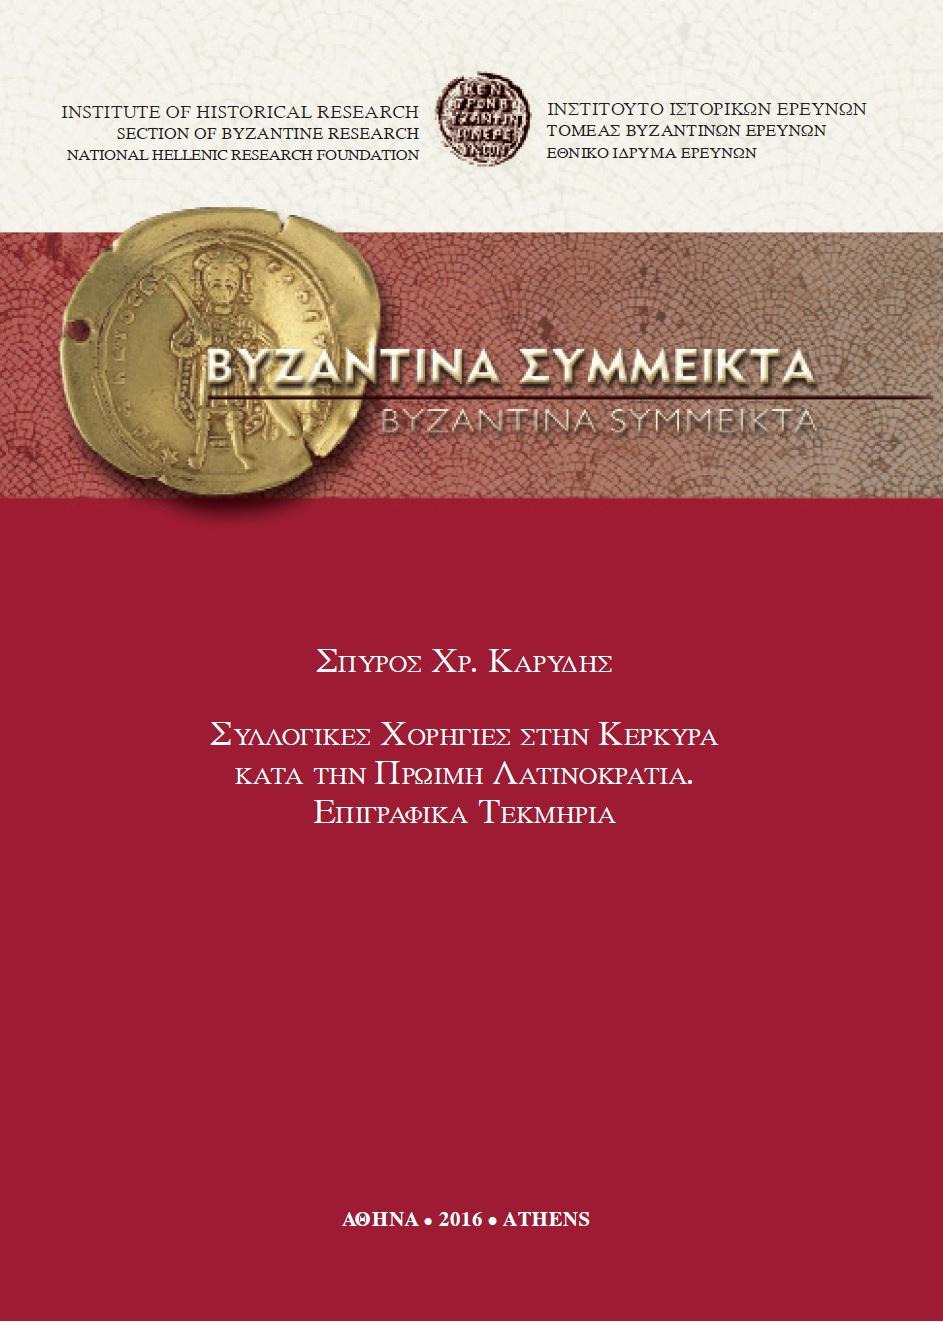 «Συλλογικές χορηγίες στην Κέρκυρα κατά την πρώιμη λατινοκρατία. Επιγραφικά τεκμήρια», Βυζαντινά Σύμμεικτα 26 (2016), 163-209